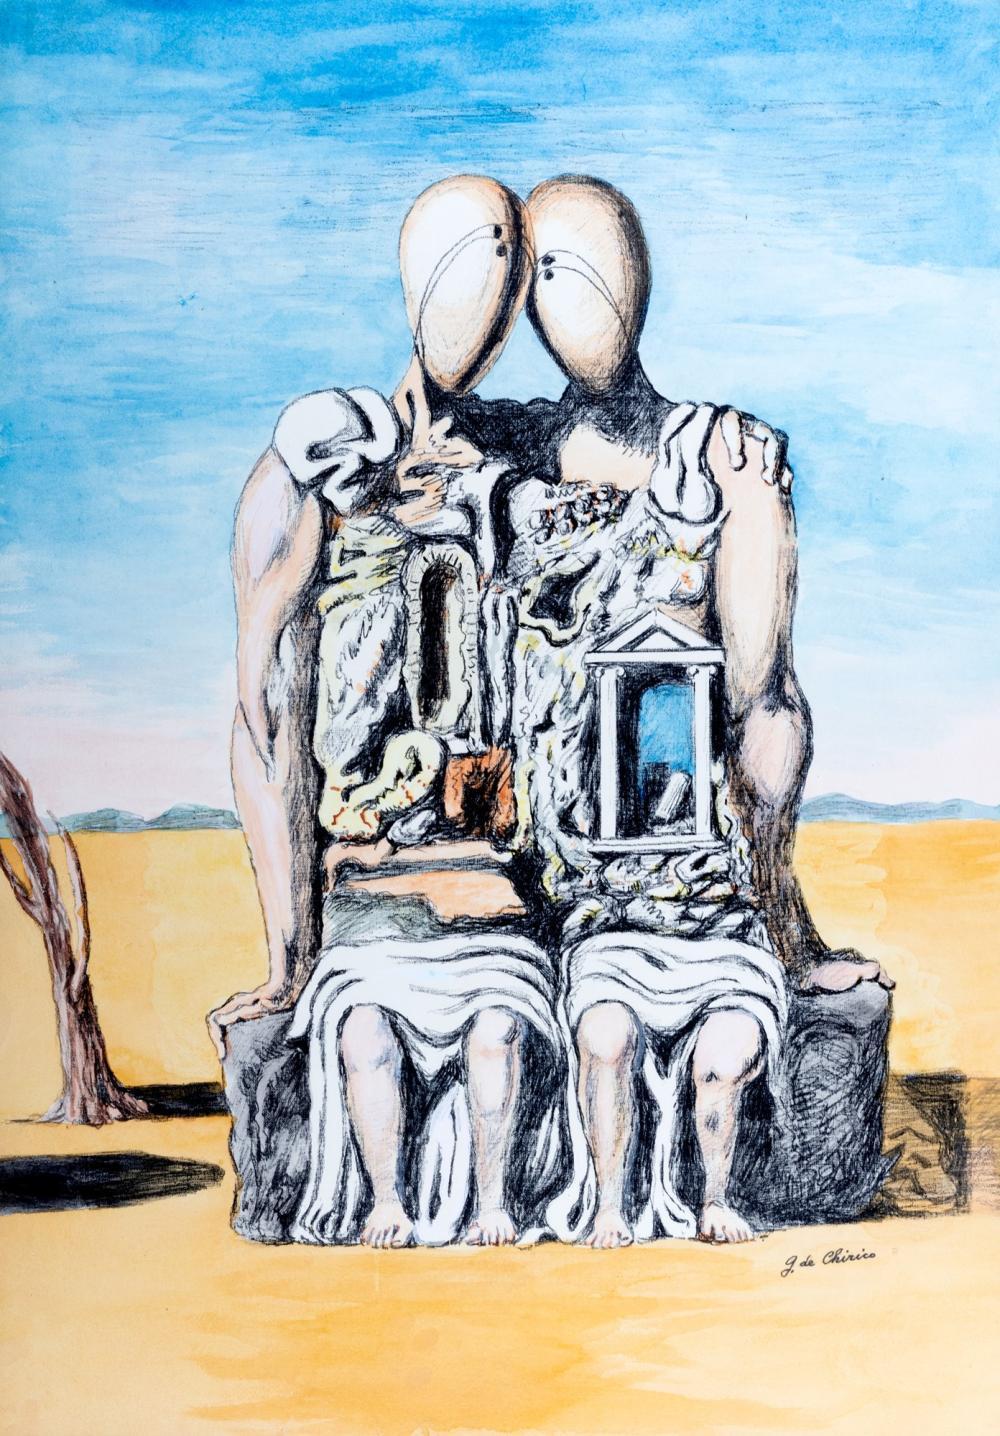 Giorgio de Chirico (Volos 1888-Roma 1978) - The Archeologists, 1970